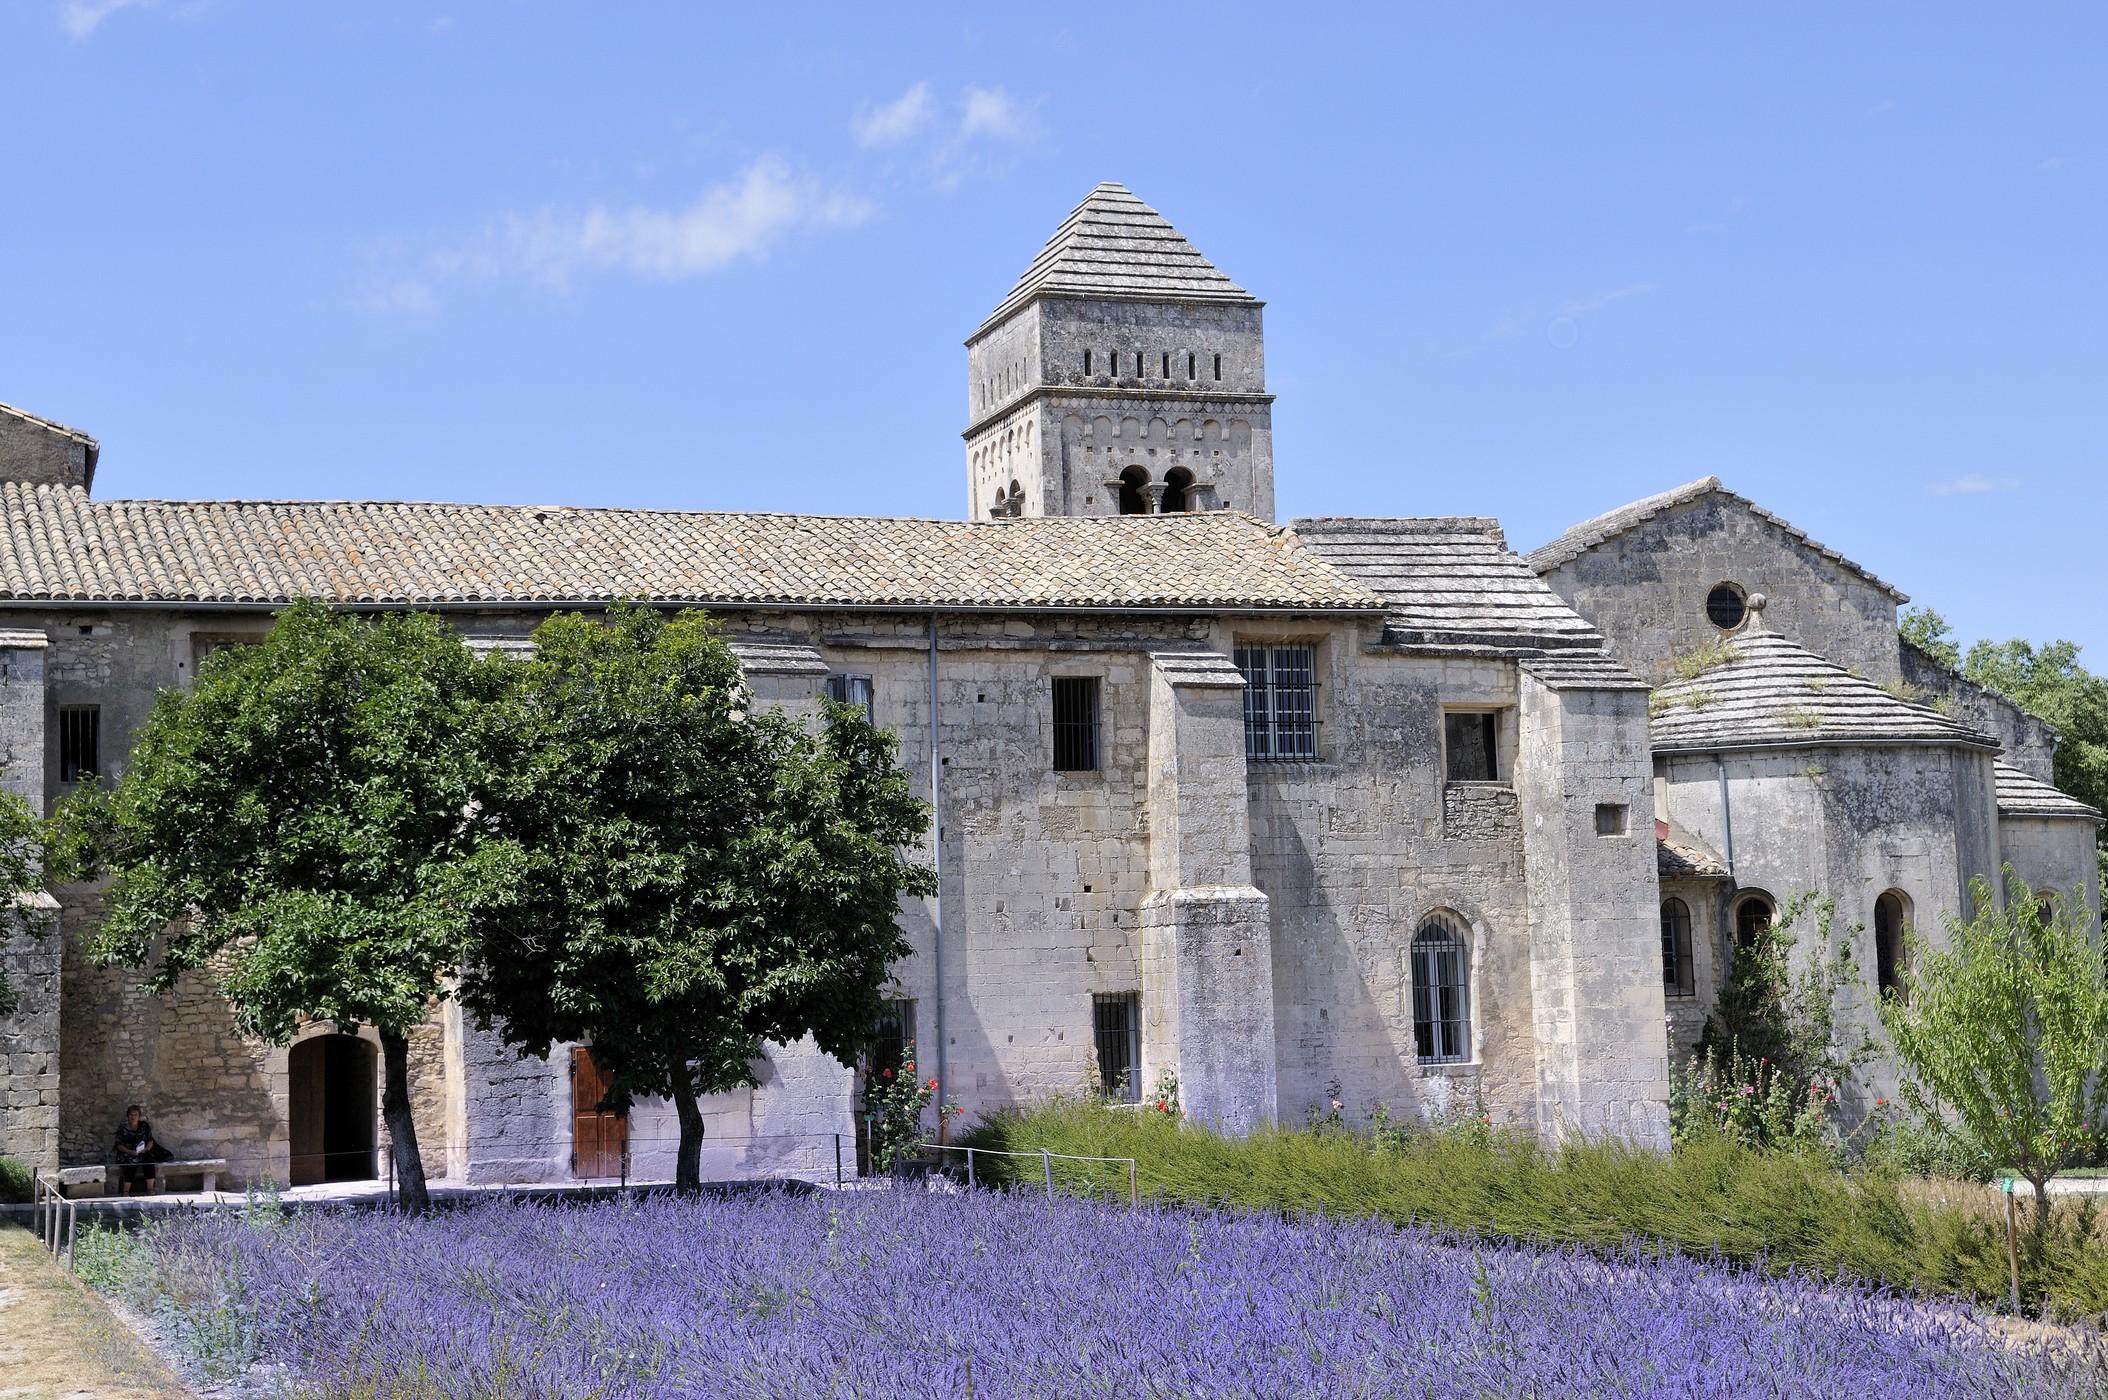 cloitre-saint-paul-de-mausole-centre-culturel-et-touristique-van-gogh